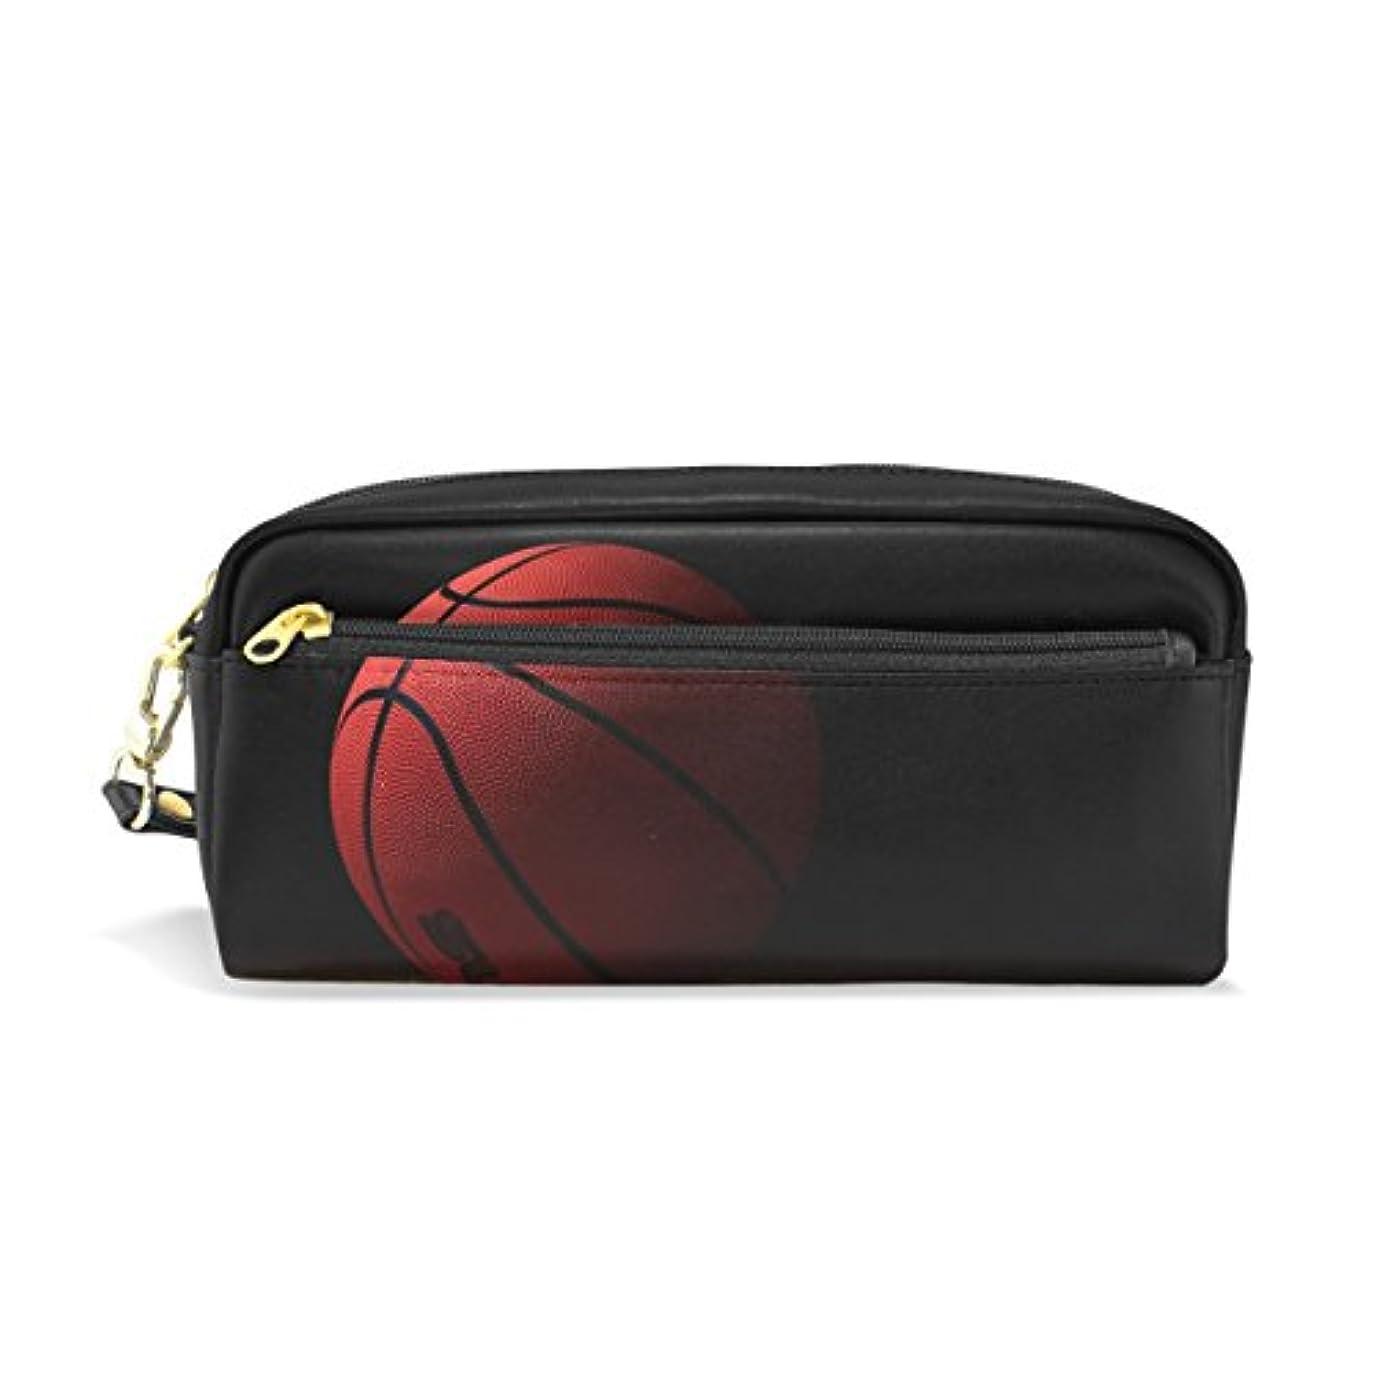 送料開発そのようなAOMOKI ペンケース ペンポーチ おしゃれ かわいい 大容量 高校生 シンプル ボックス 筆箱 筆入れ 文具 学生用 ペンバッグ 化粧バッグ